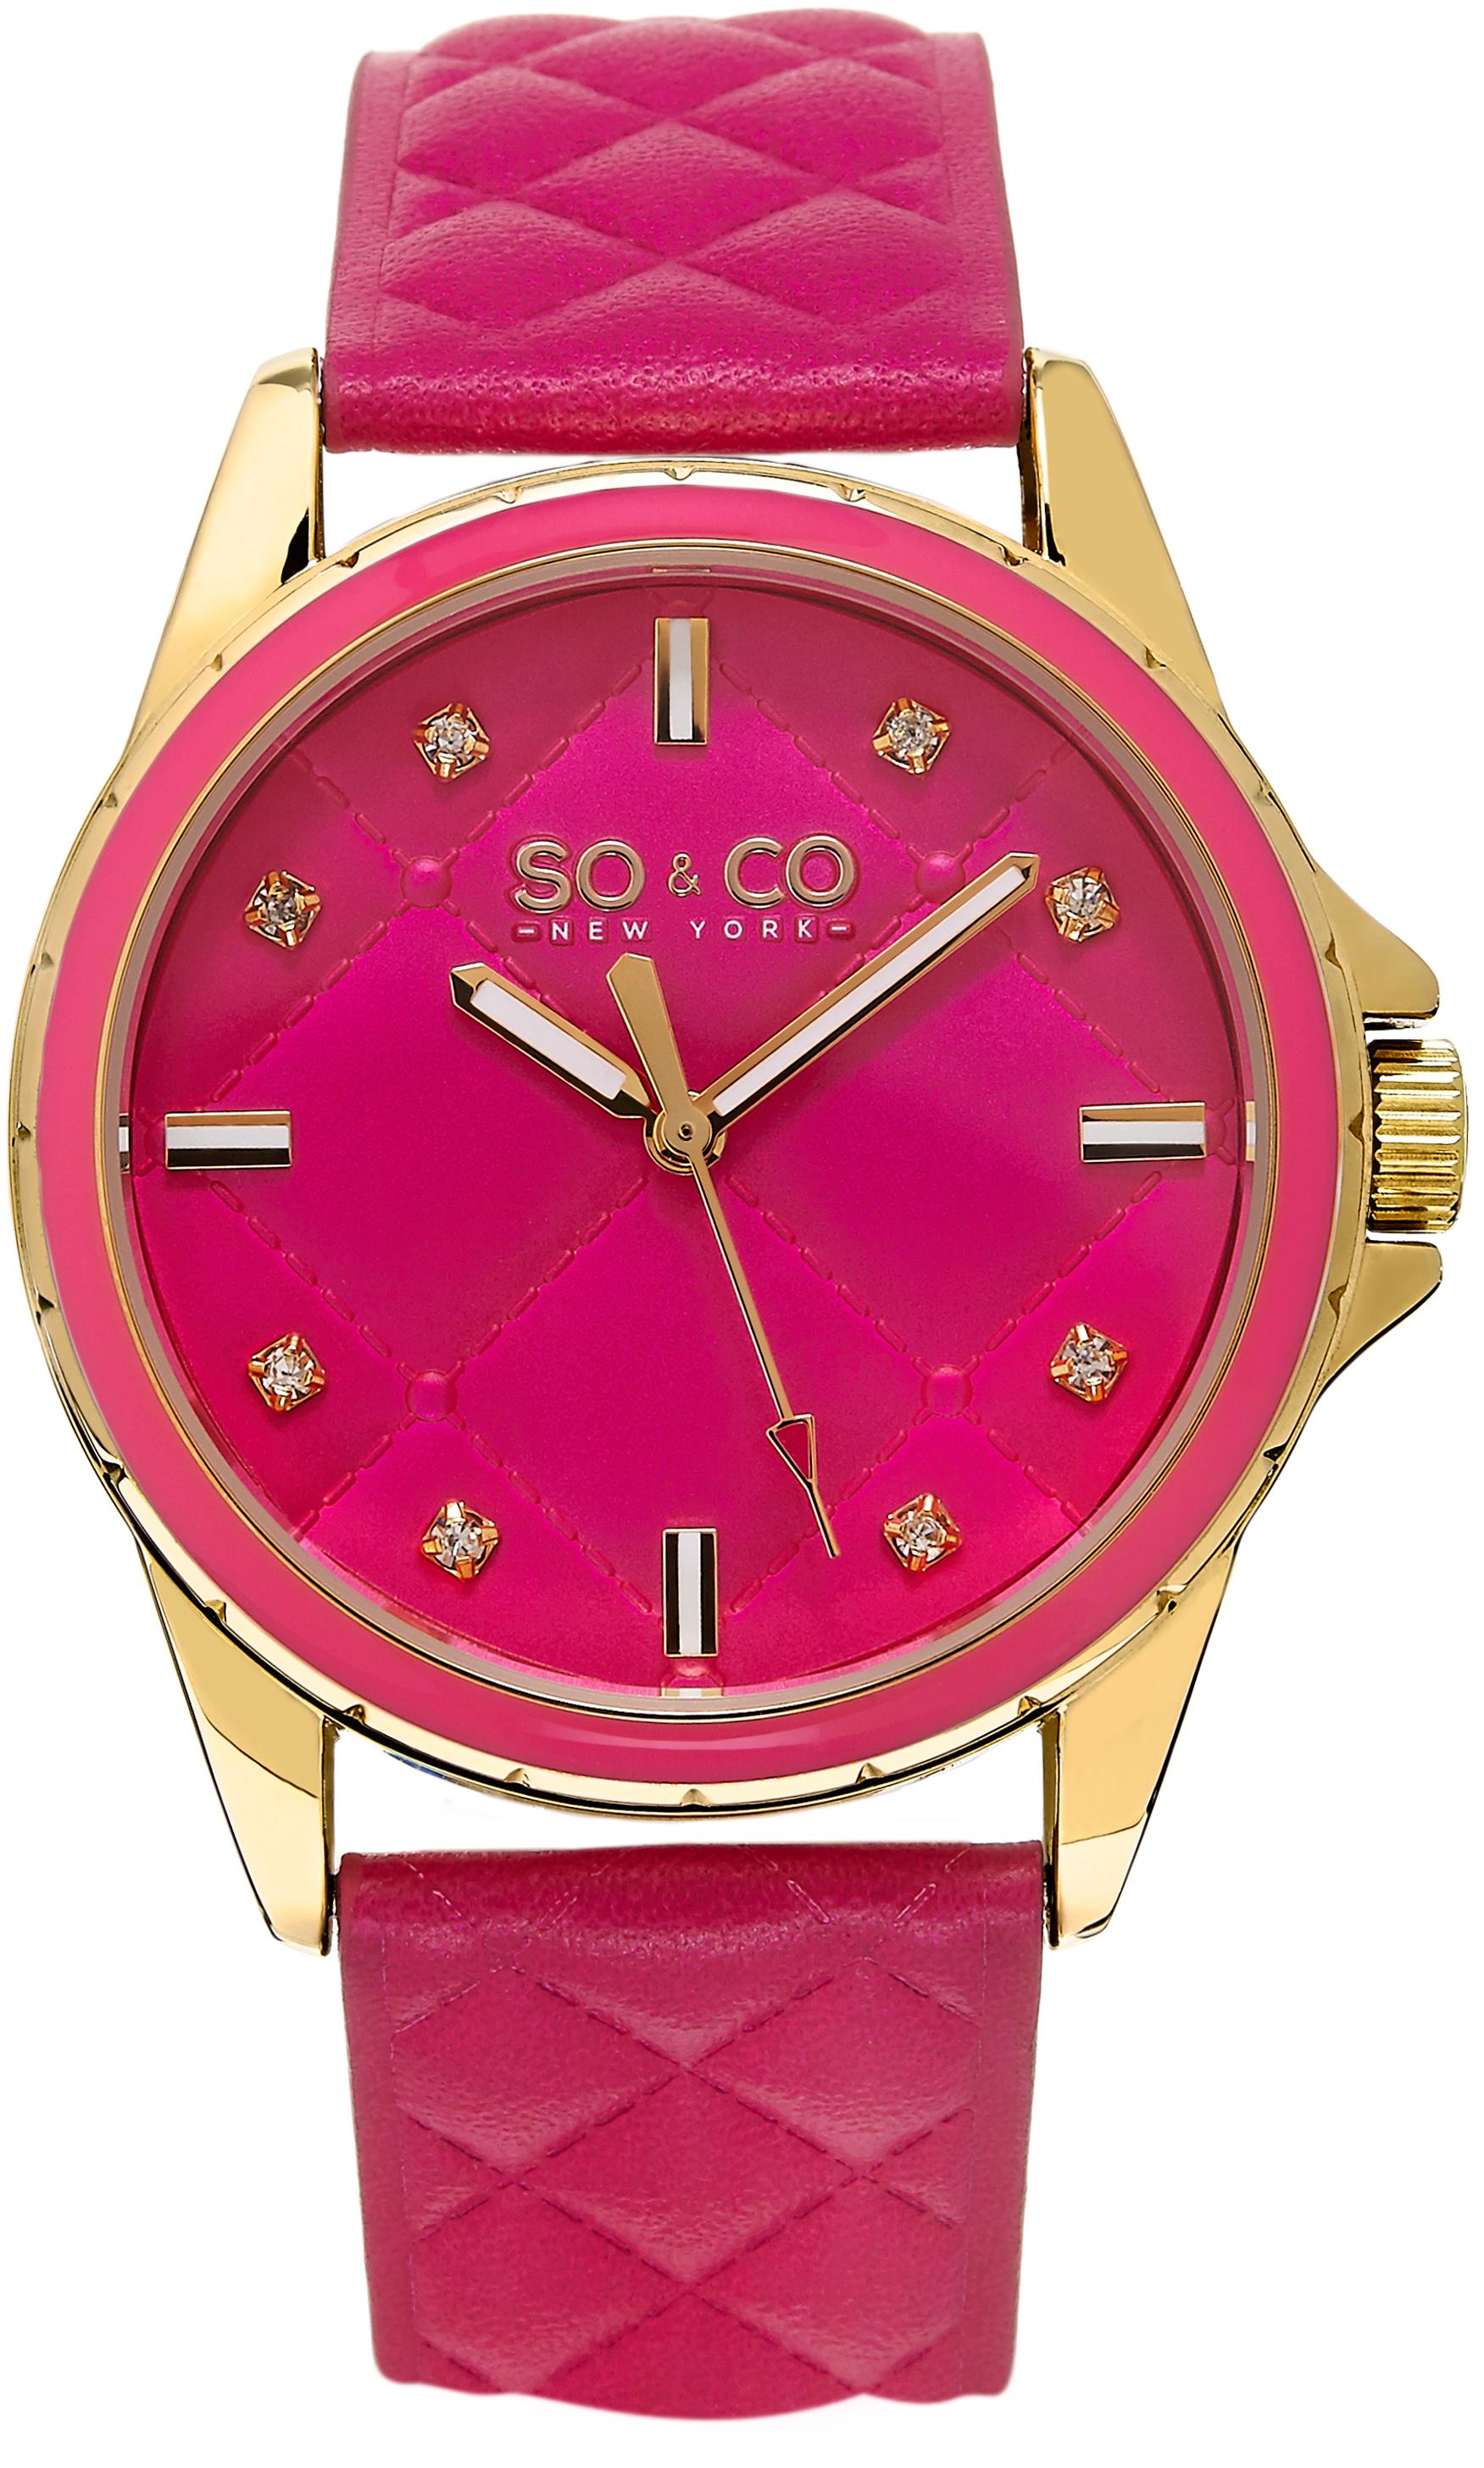 So & Co New York SoHo Damklocka 5201.2 Rosa/Läder Ø38 mm